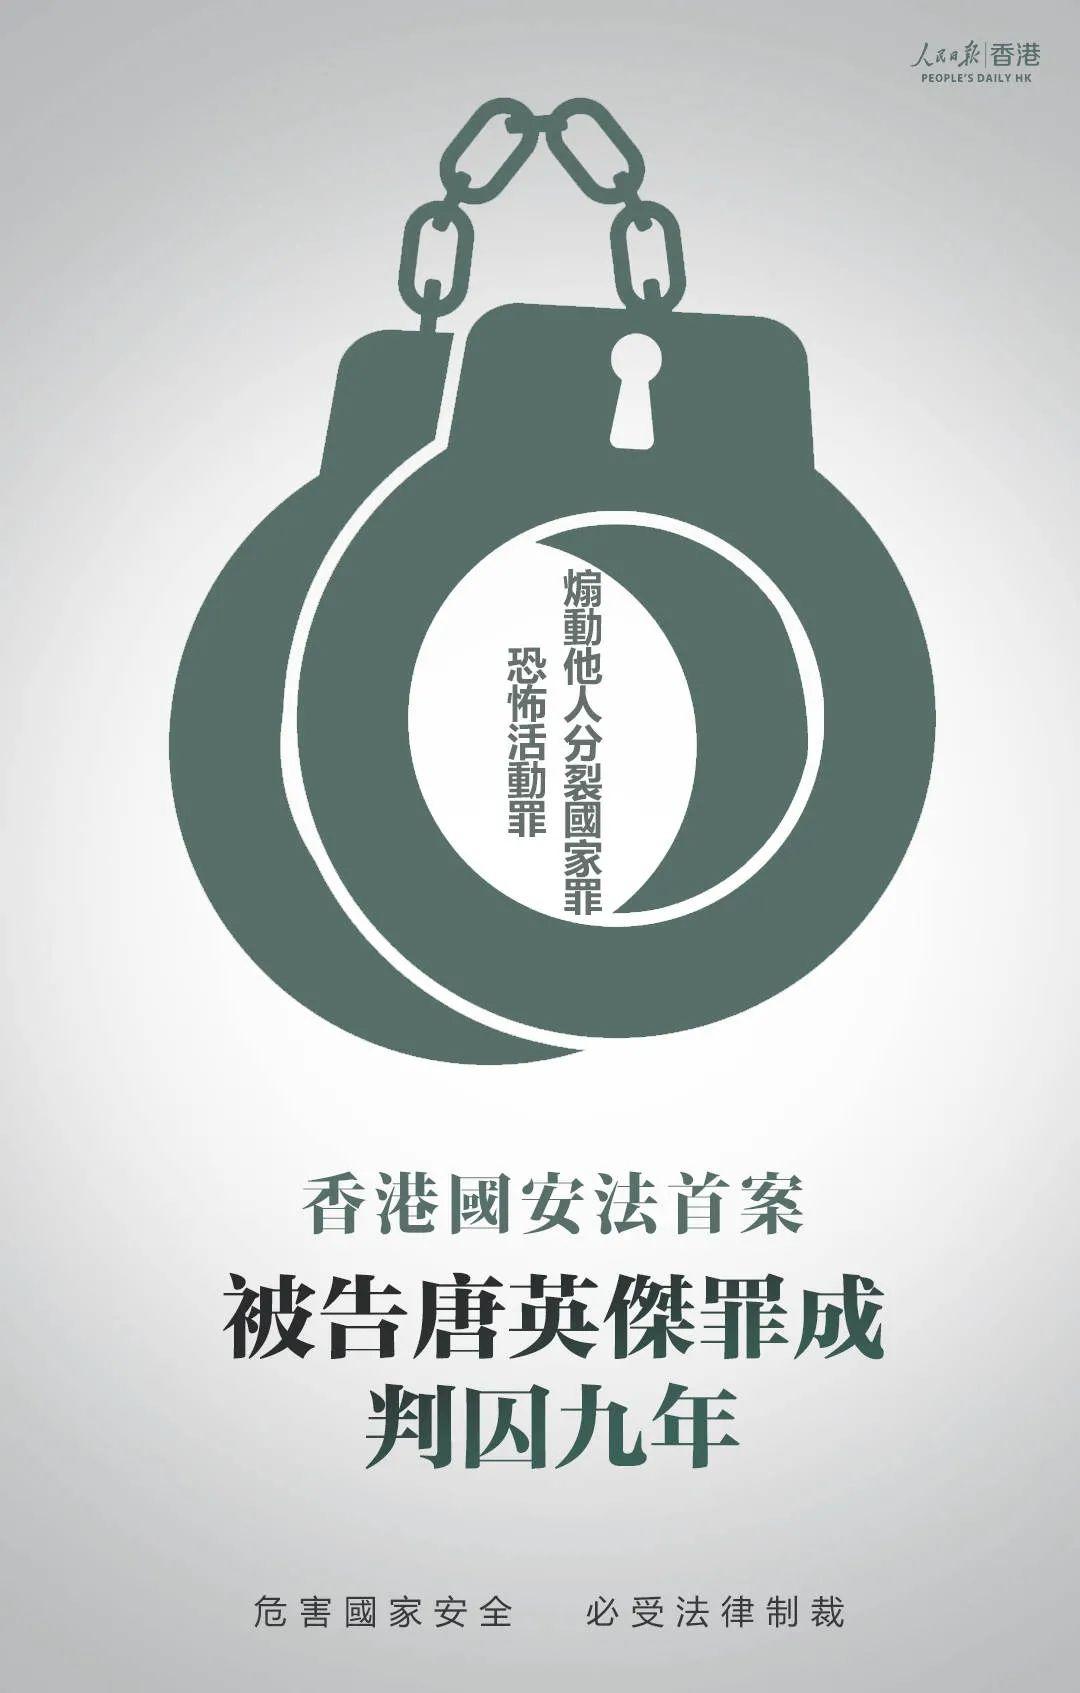 香港國安法首犯被判9年 人民日報:具有極強的標志性意義